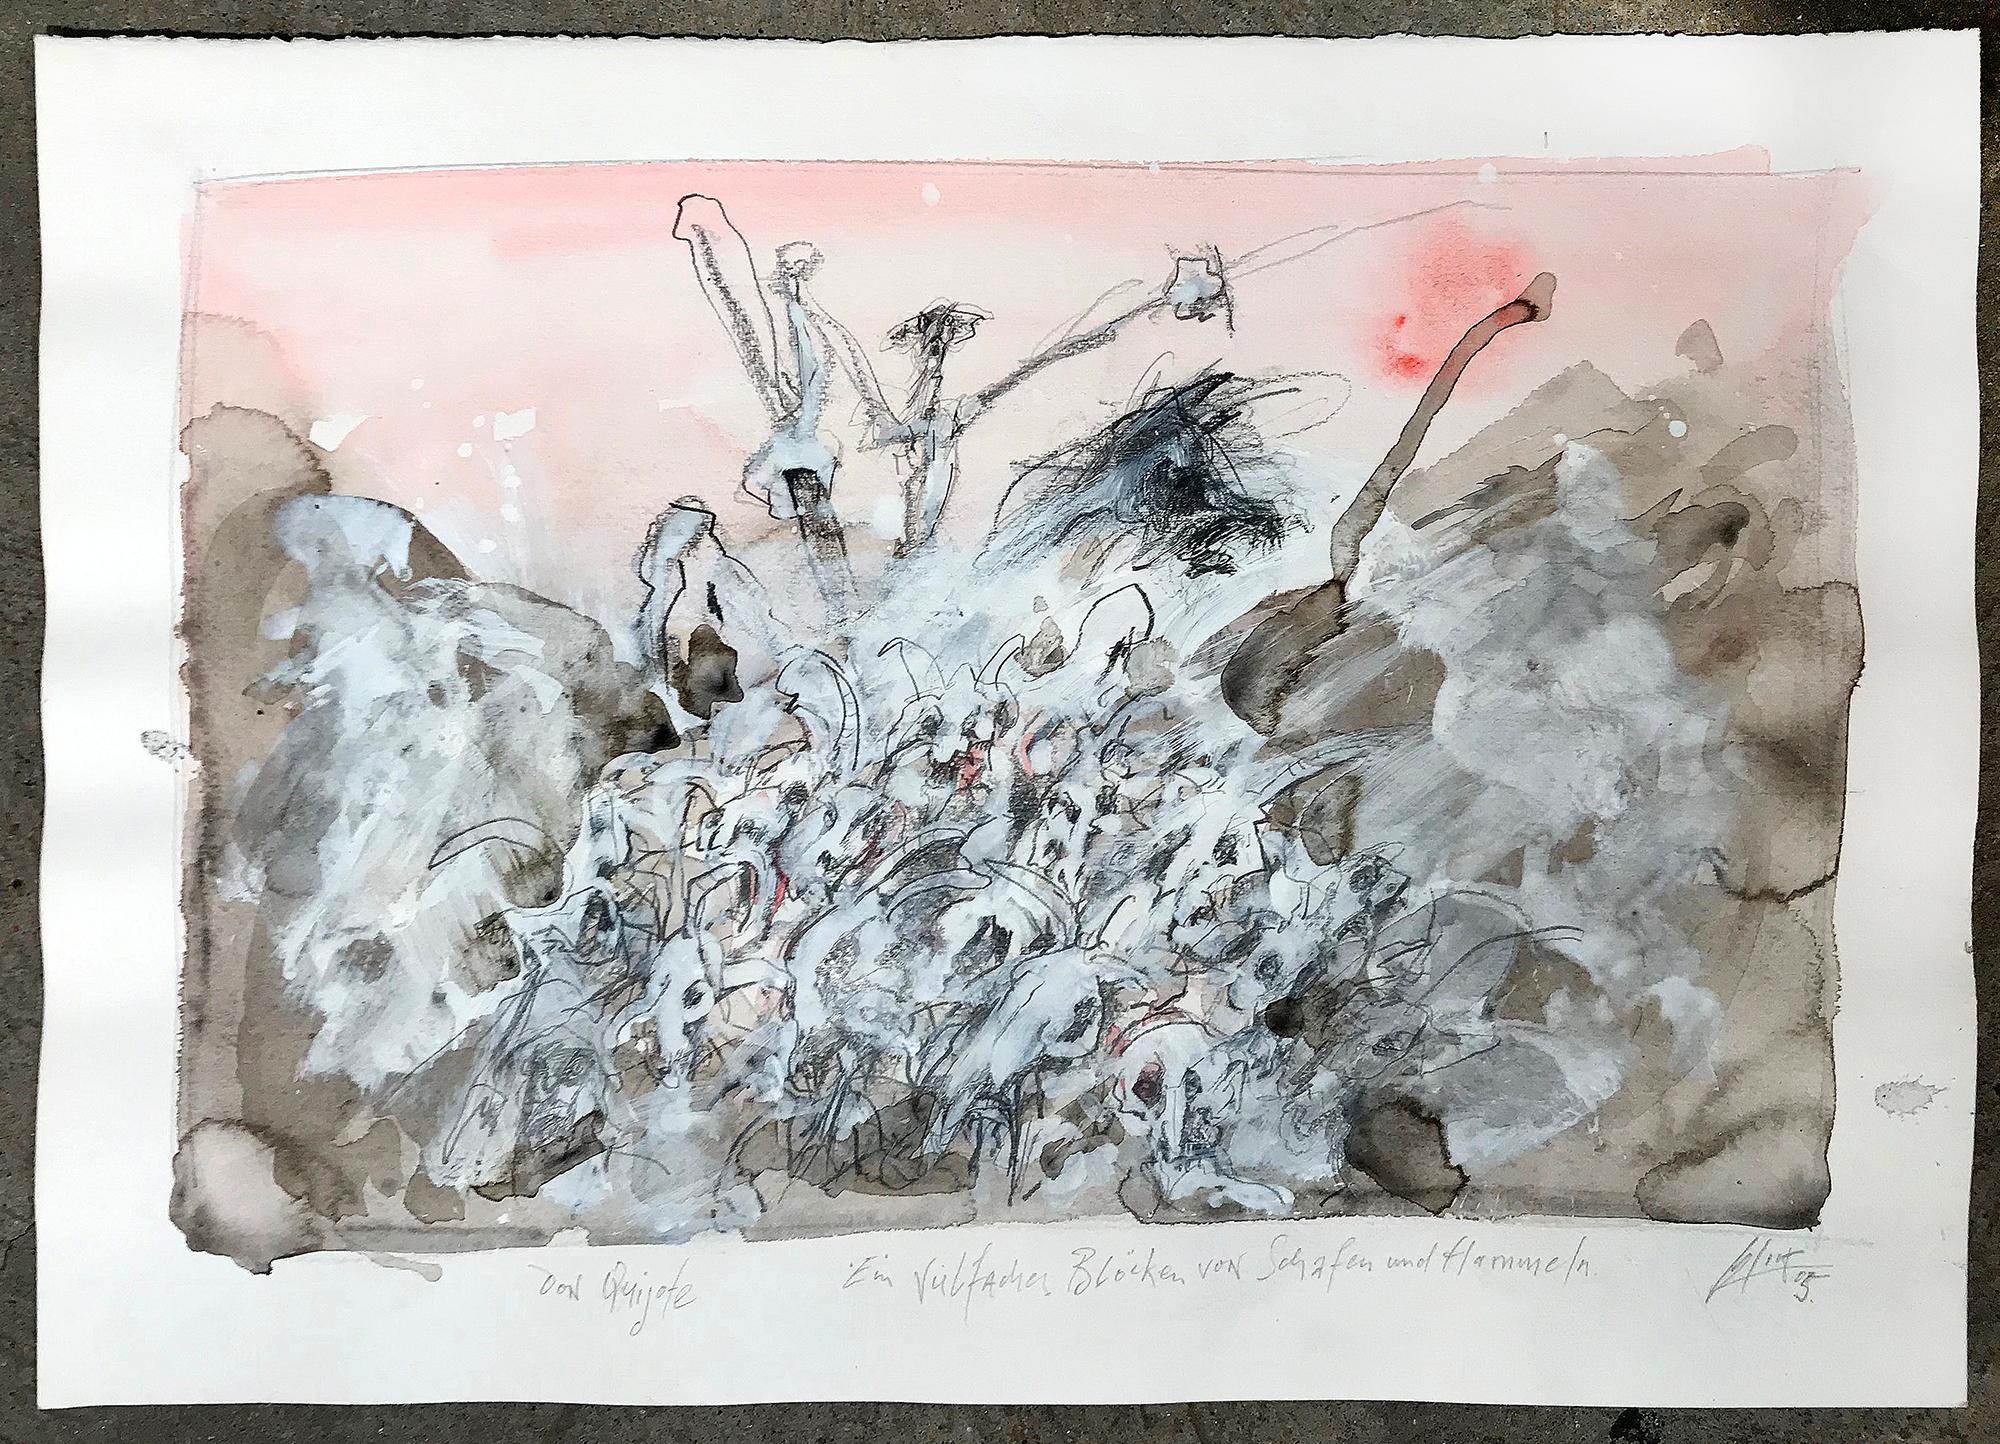 Don Quichot, Ein vielfaches Blöken von Schafen und Hammeln, 2006, Mischtechnik auf Büttenpapier, 50 x 36 cm, ohne Rahmen